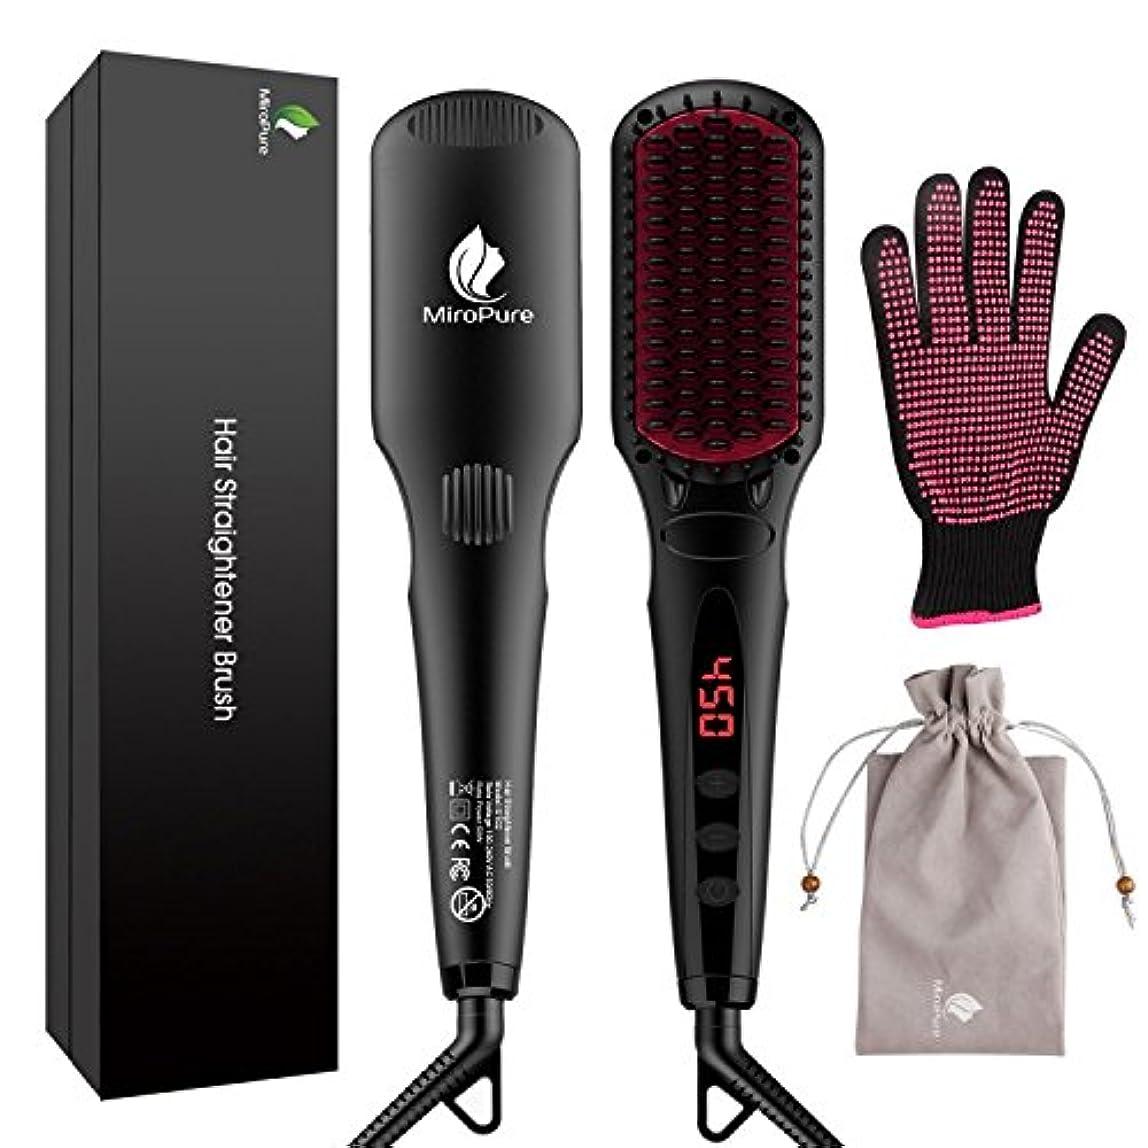 十分高い謎MiroPure 2 in 1 Ionic Hair Straightener Brush ヘアストレートヘアブラシ with Heat Resistant Glove and Temperature Lock Function...